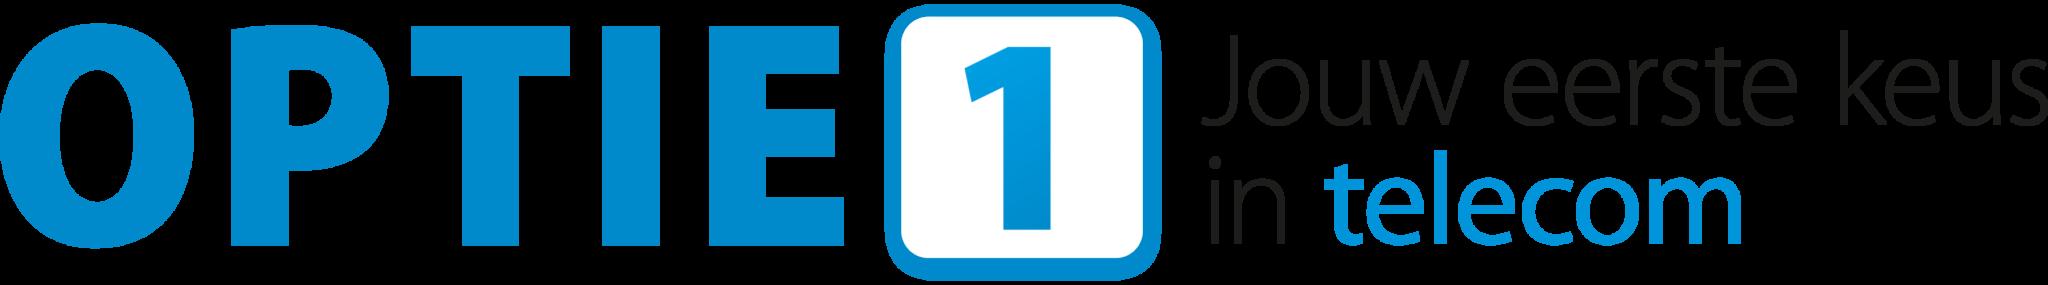 Optie 1 logo